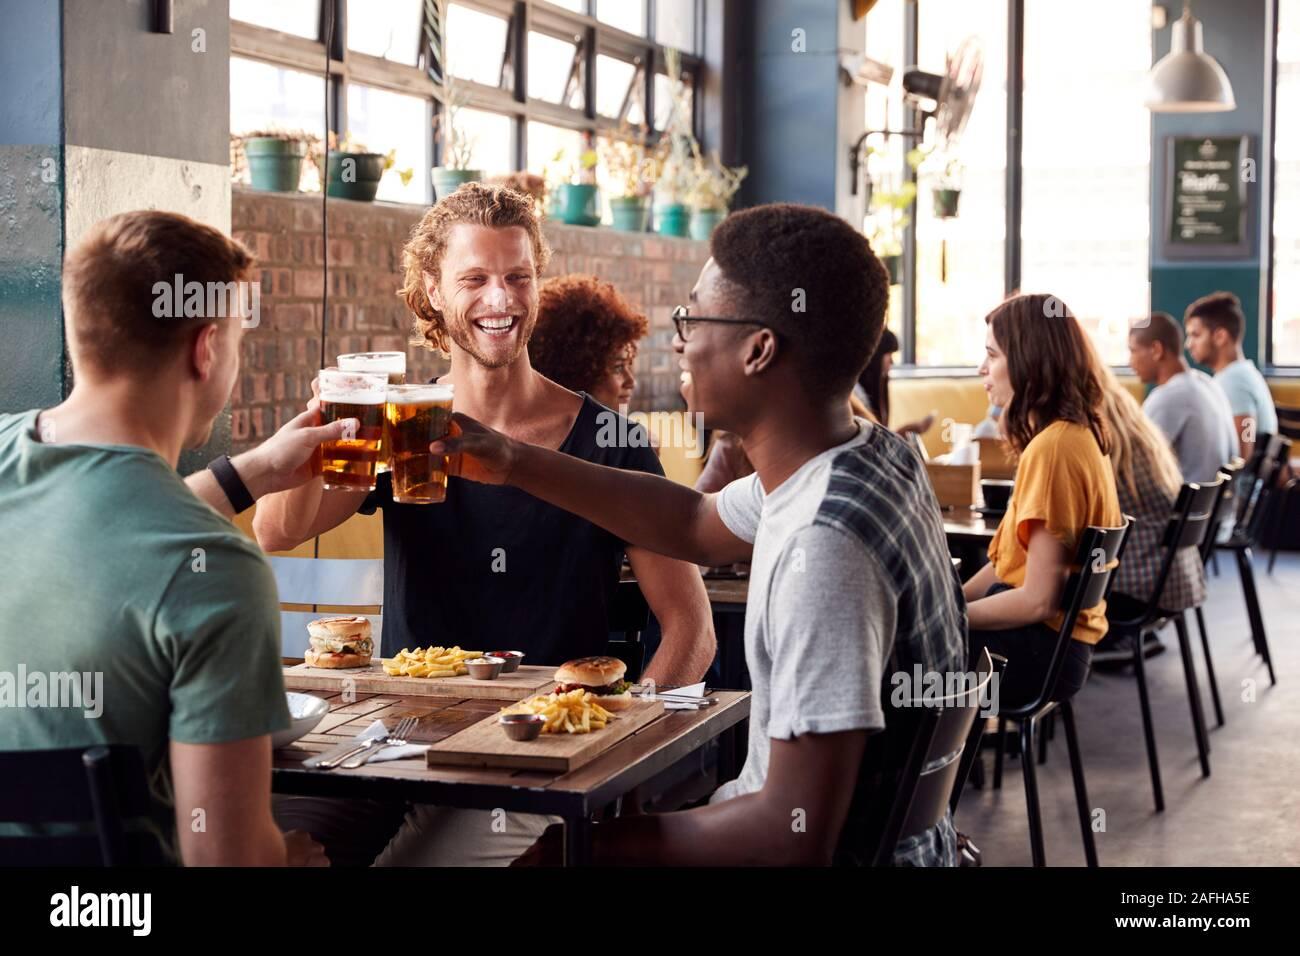 Tres jóvenes amigos varones reunión de bebidas y alimentos para hacer un brindis en el restaurante Foto de stock